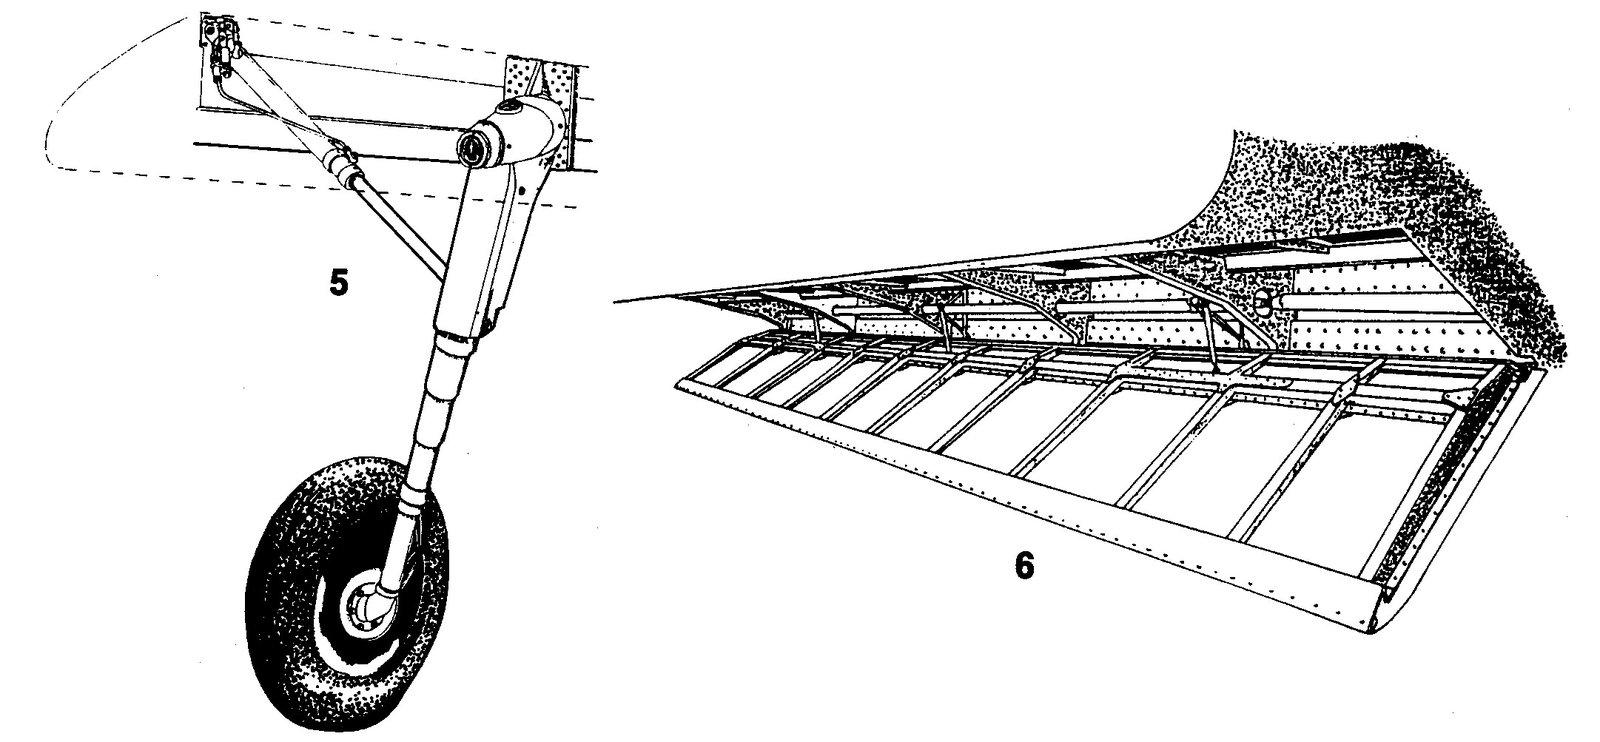 Plan-MB152-3 (2)